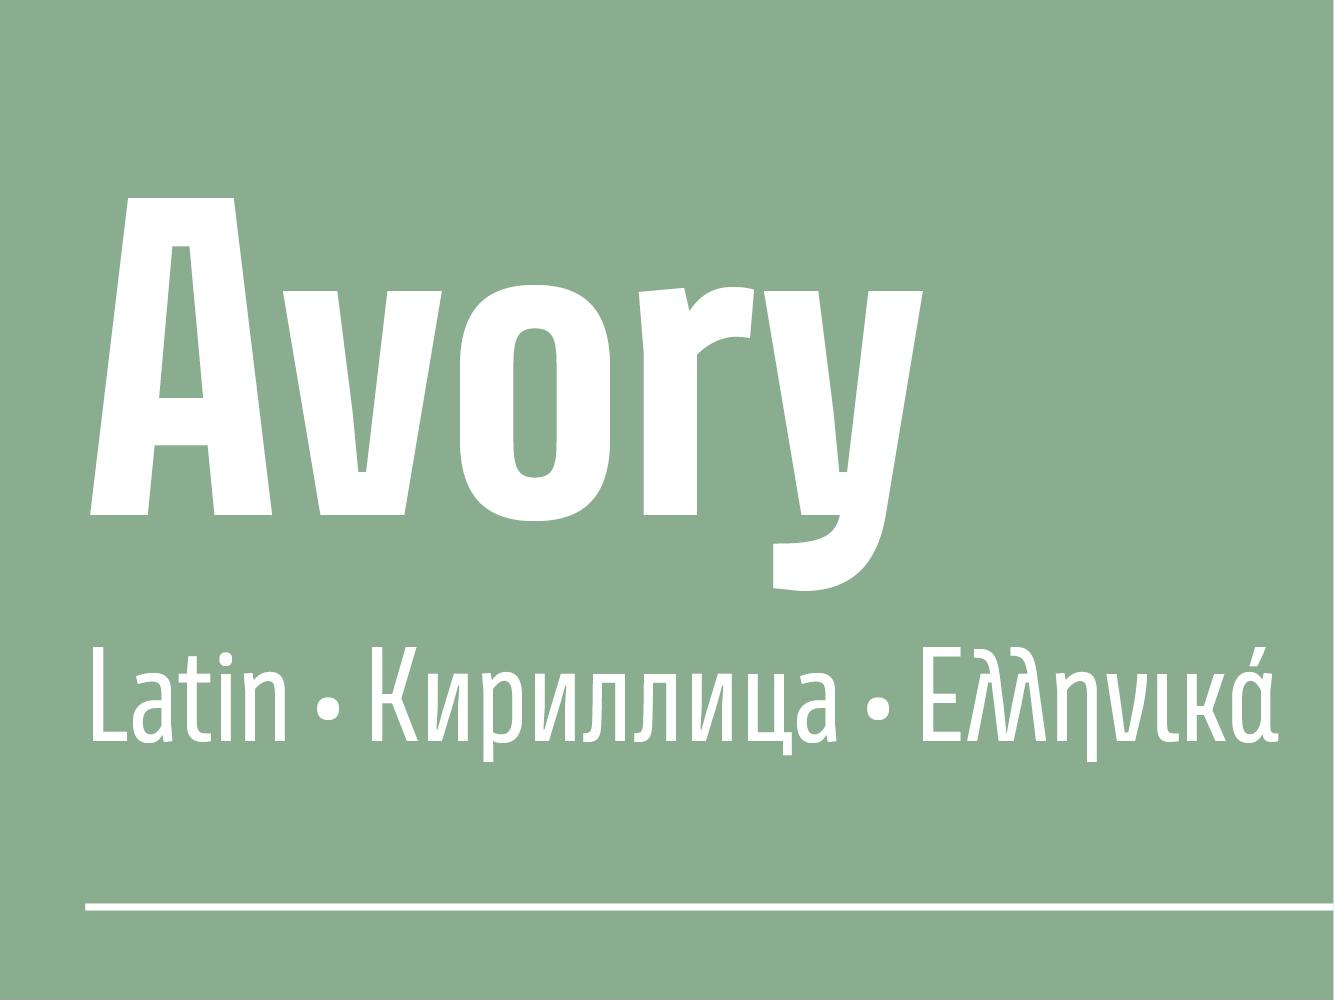 Avory